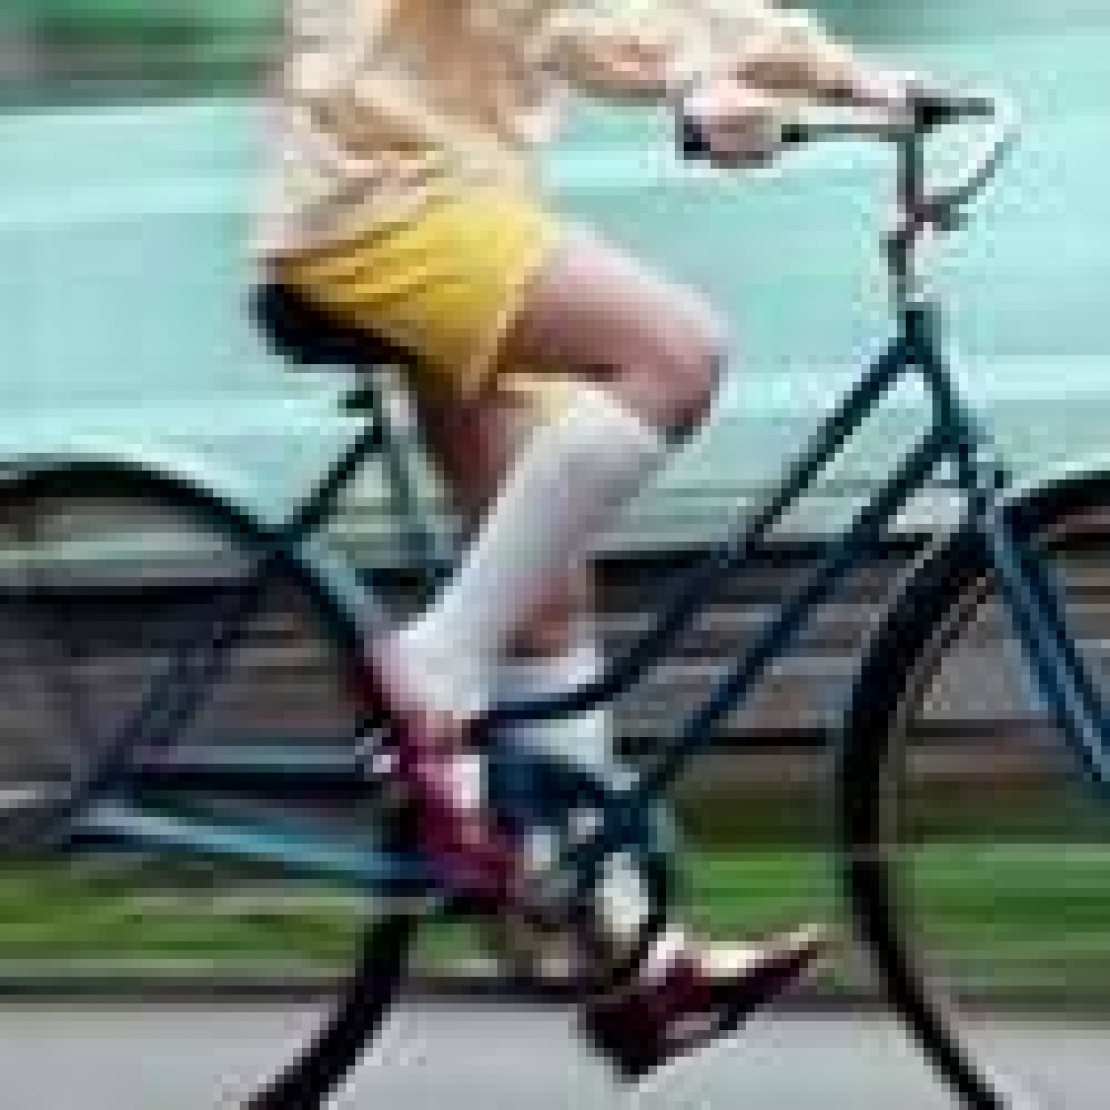 Le gambe lisce e sode a pedalare